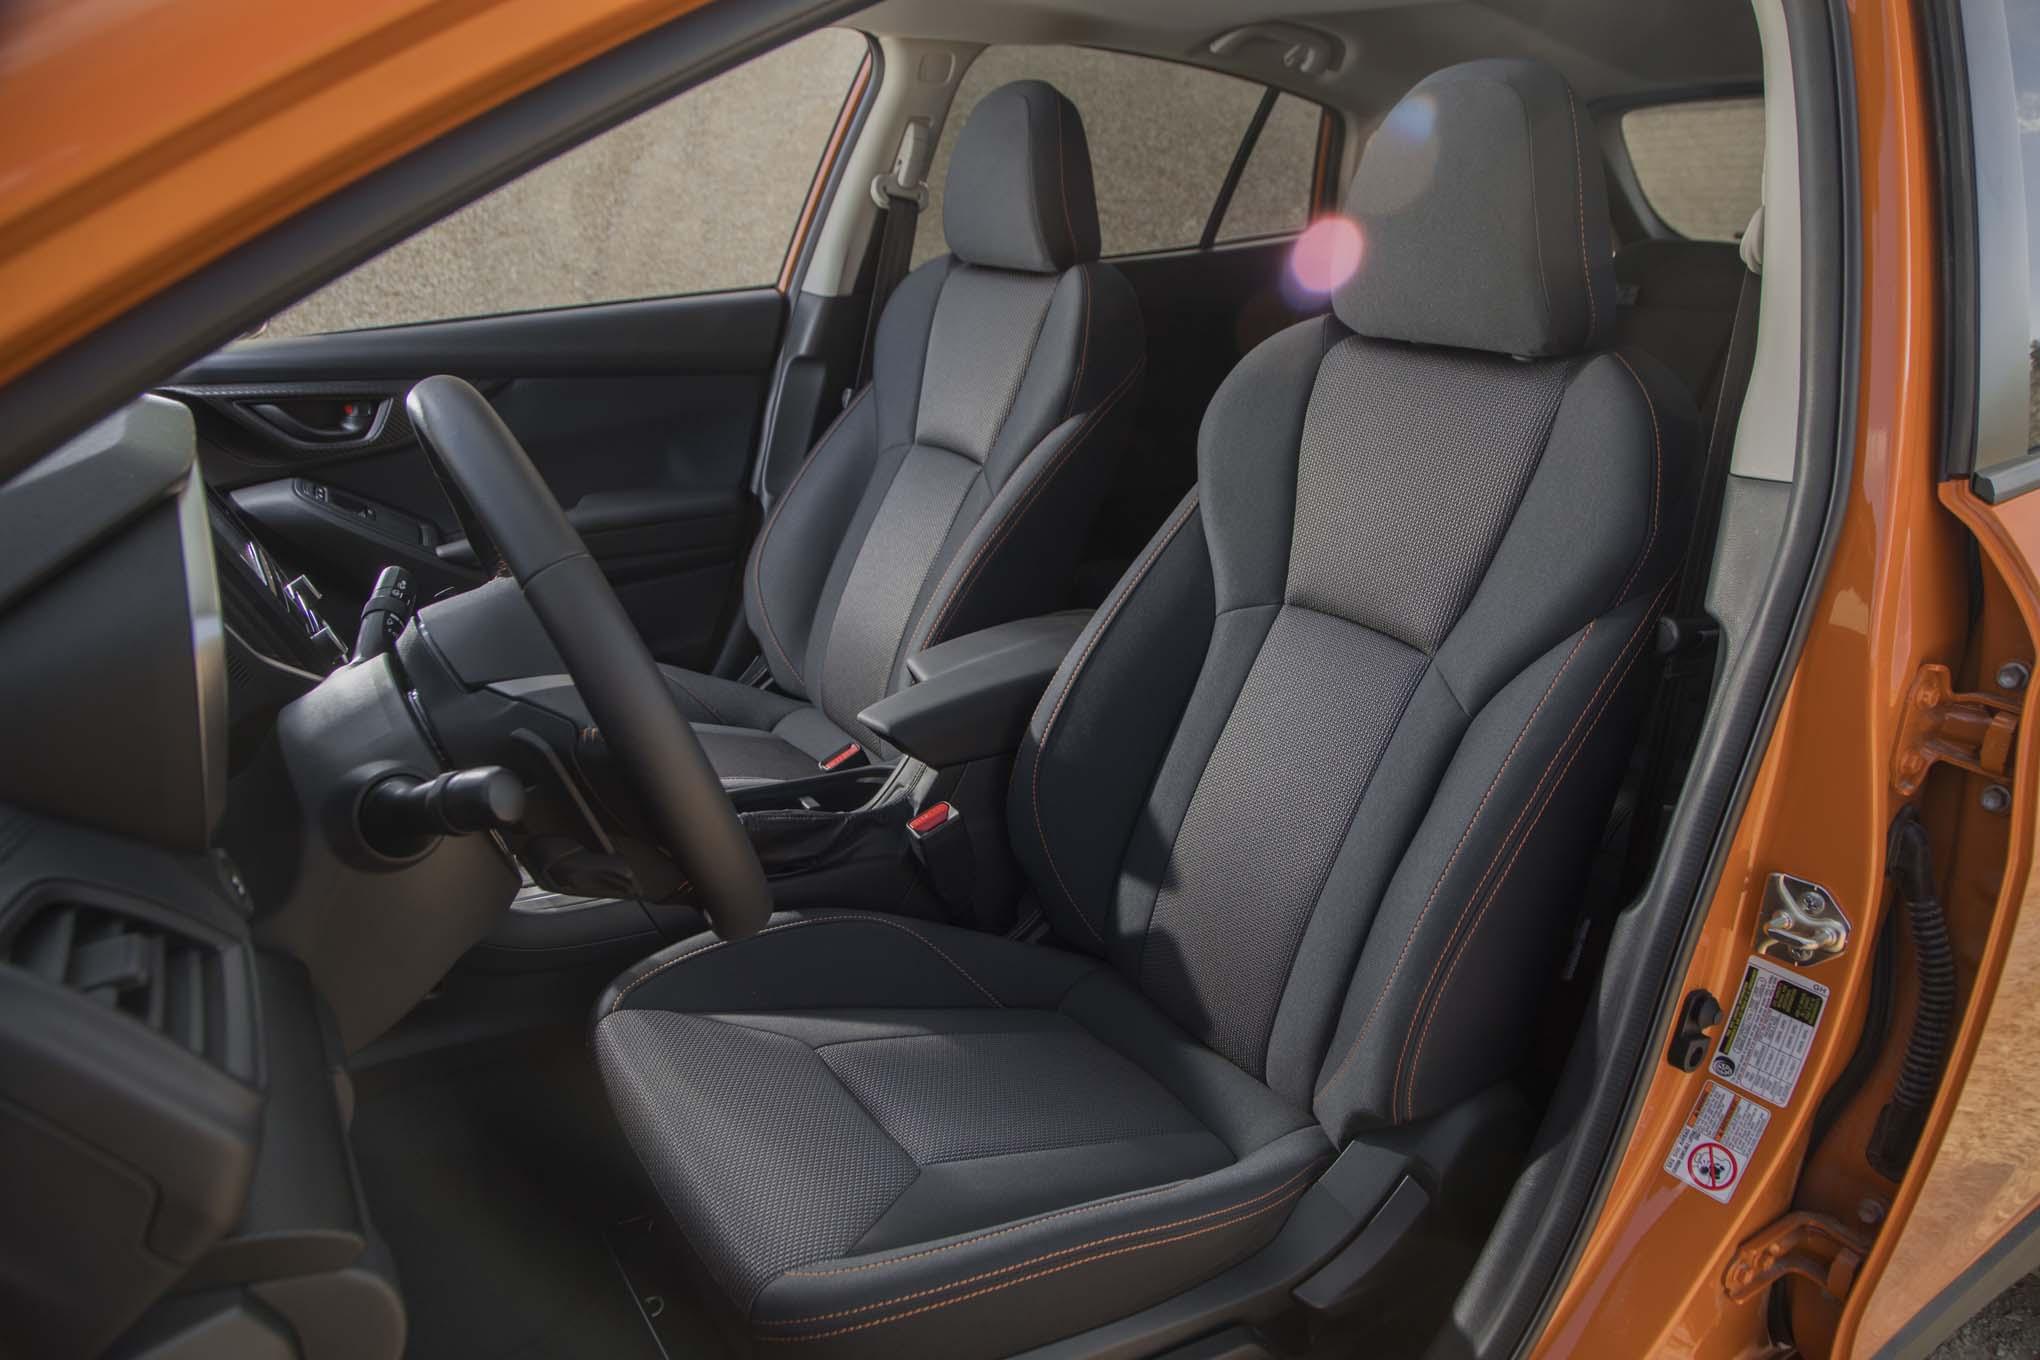 Subaru Crosstrek Interior Brokeasshome Com